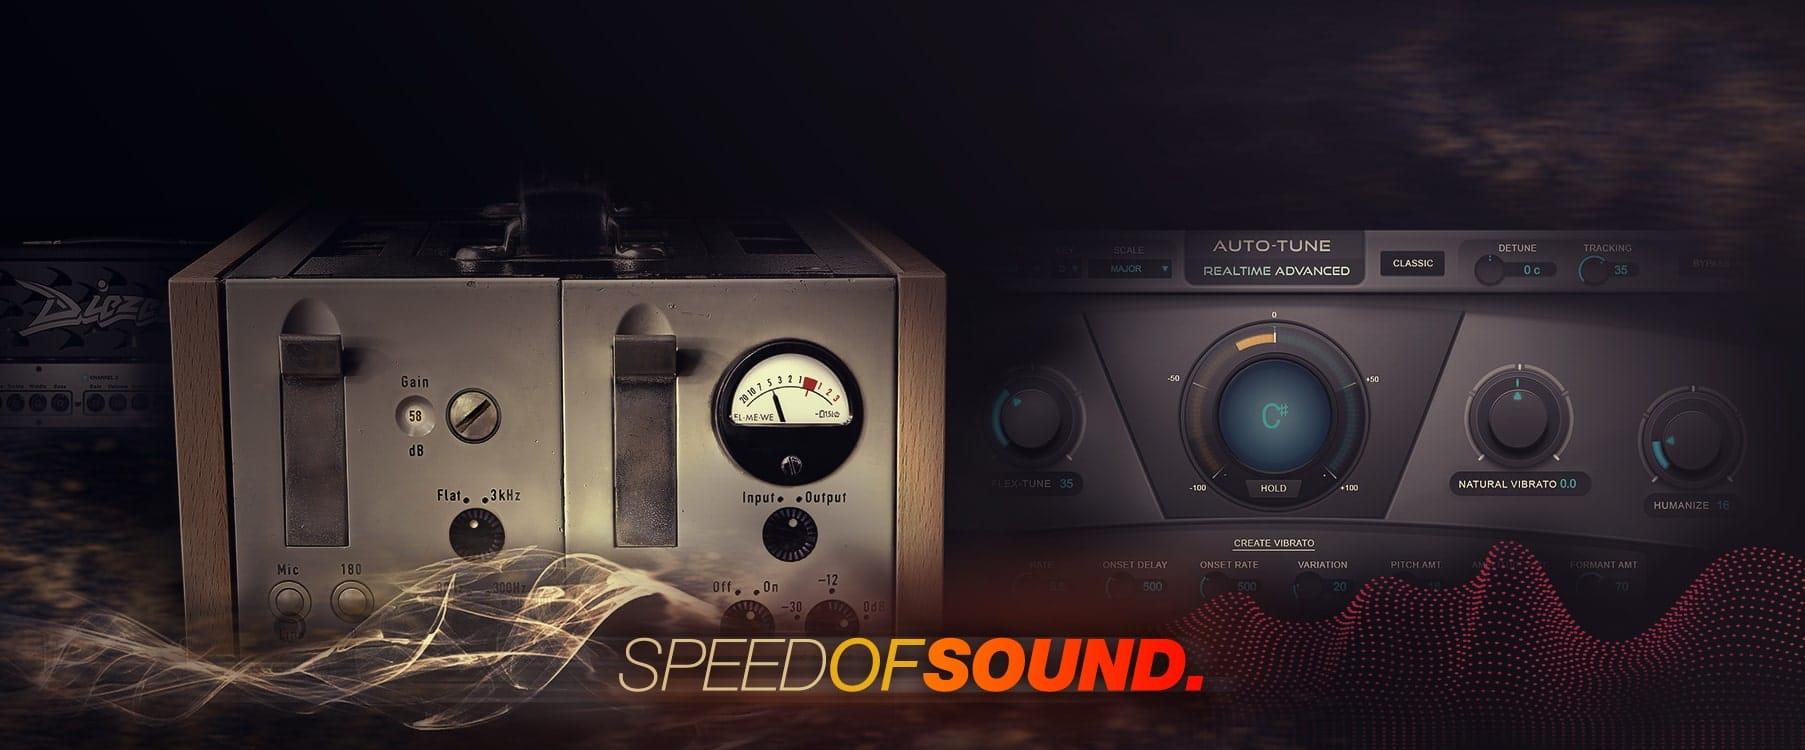 auto tune crack free download